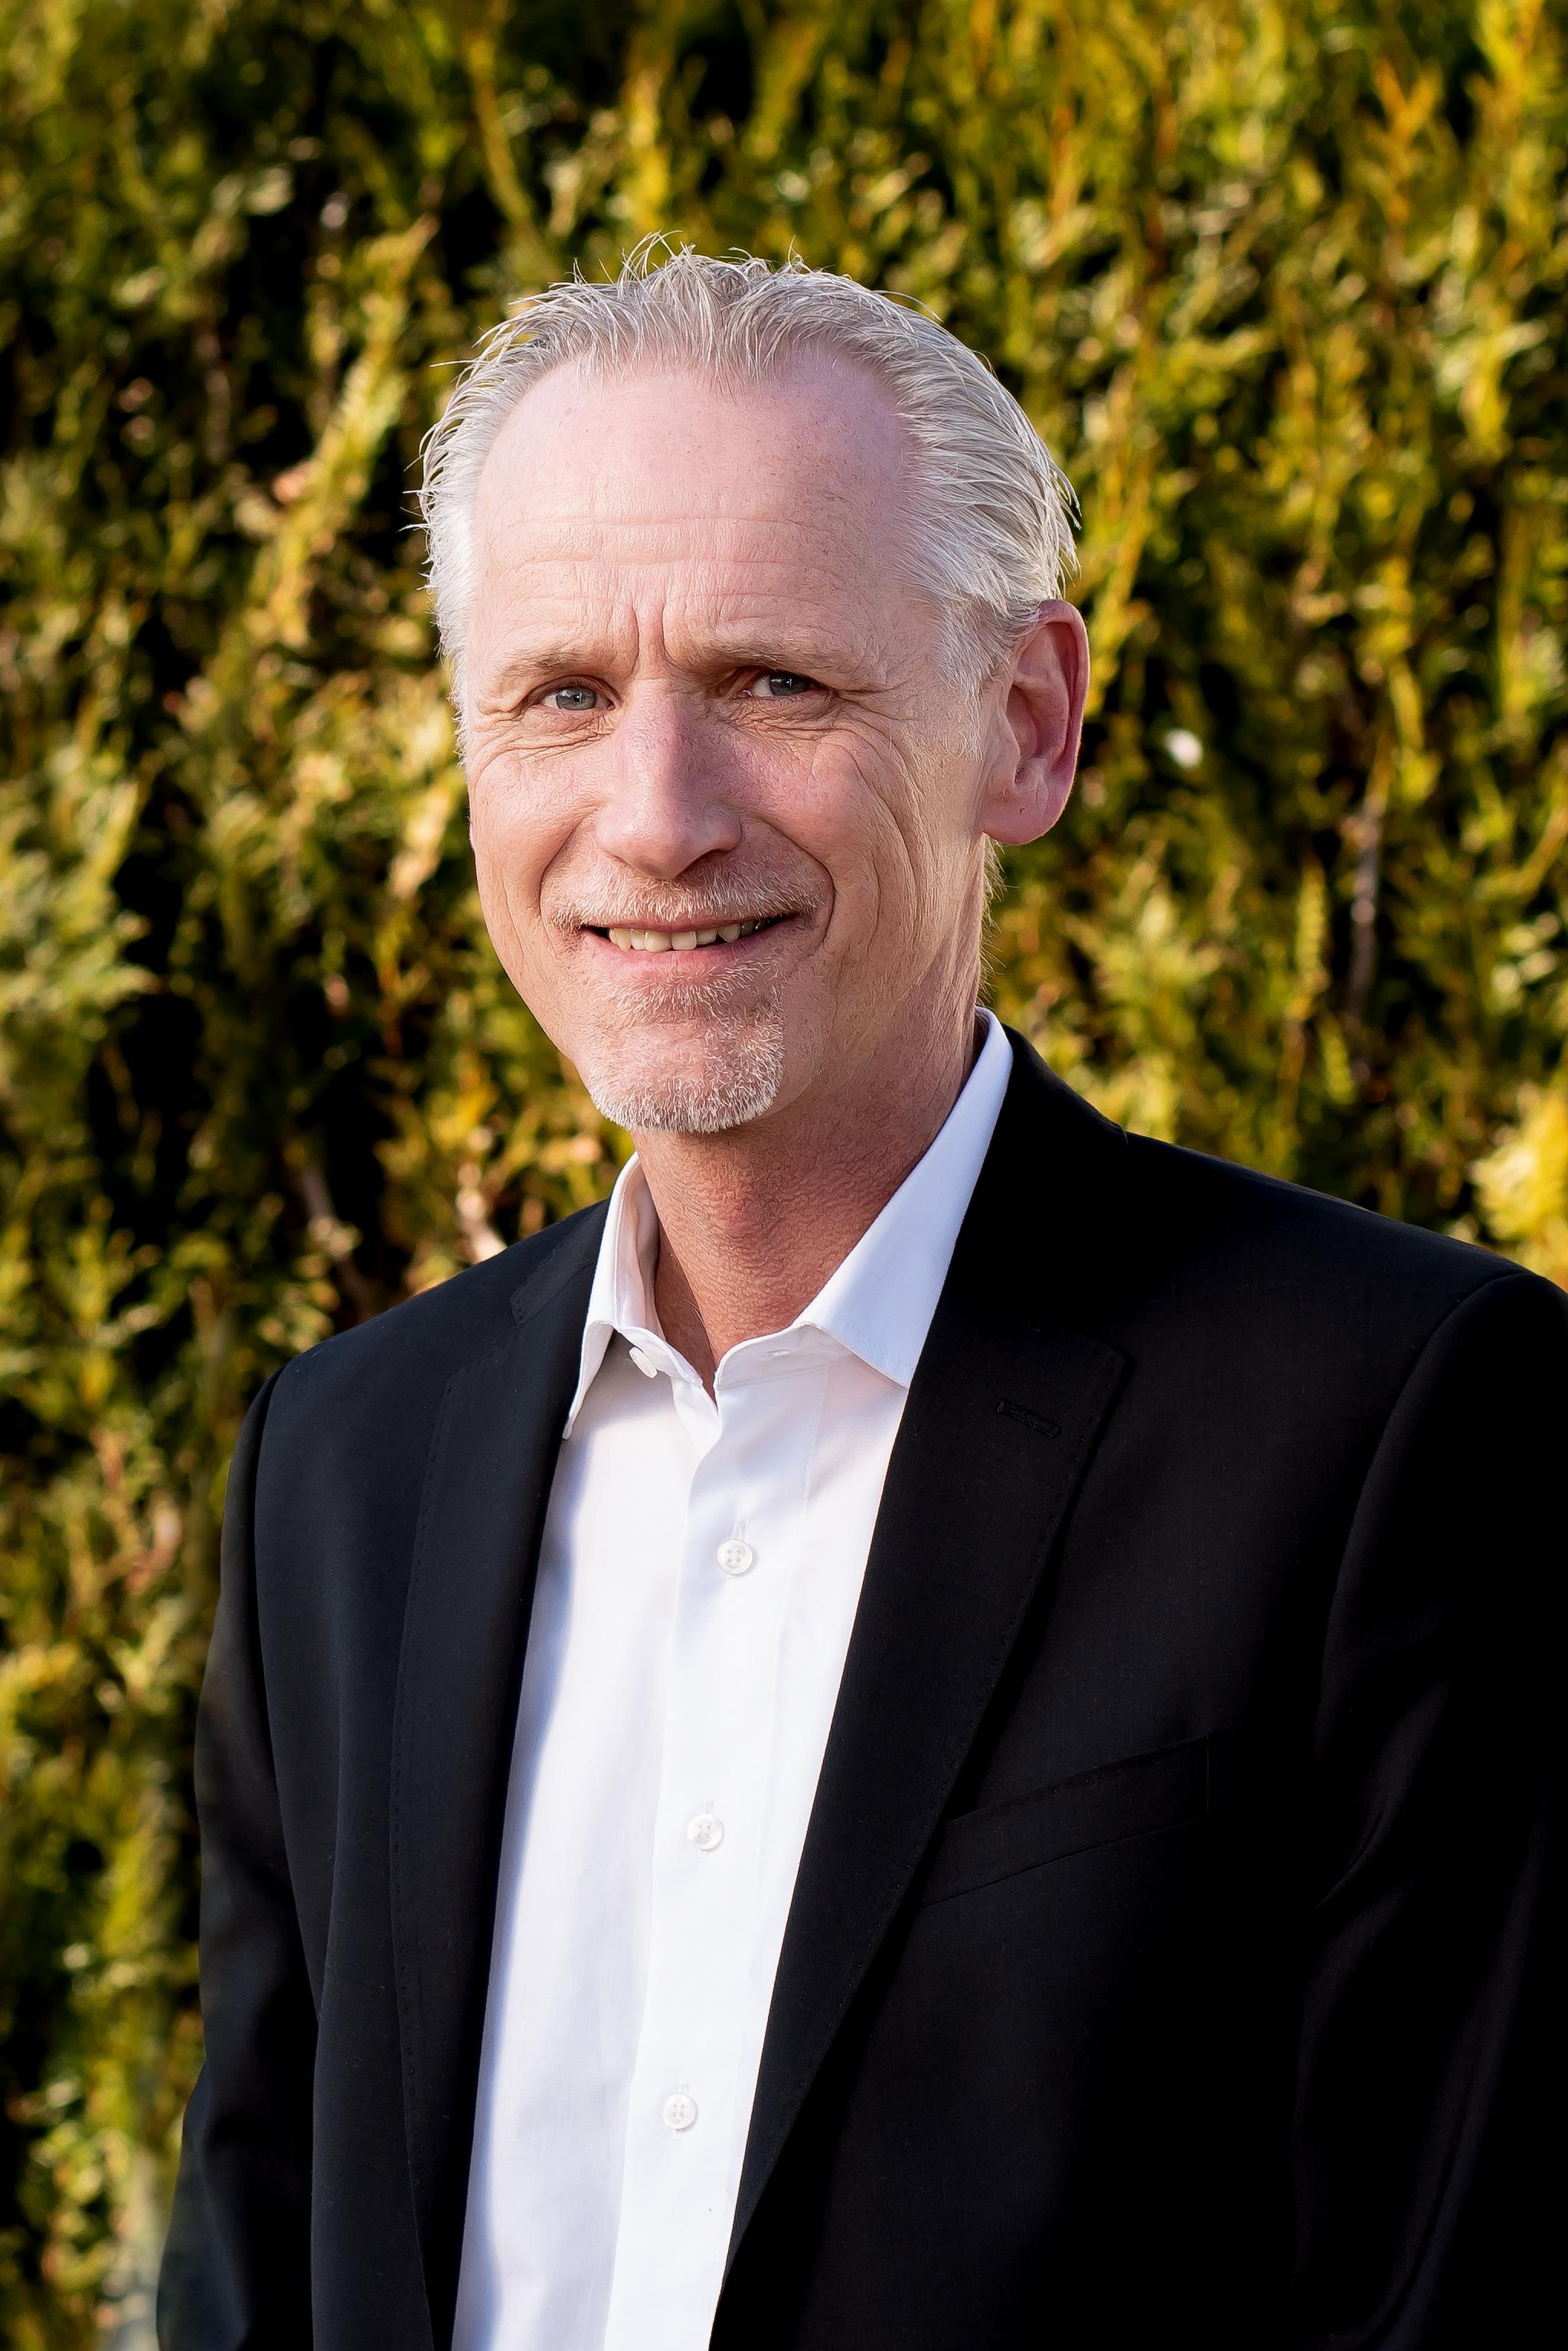 Jörg Maring